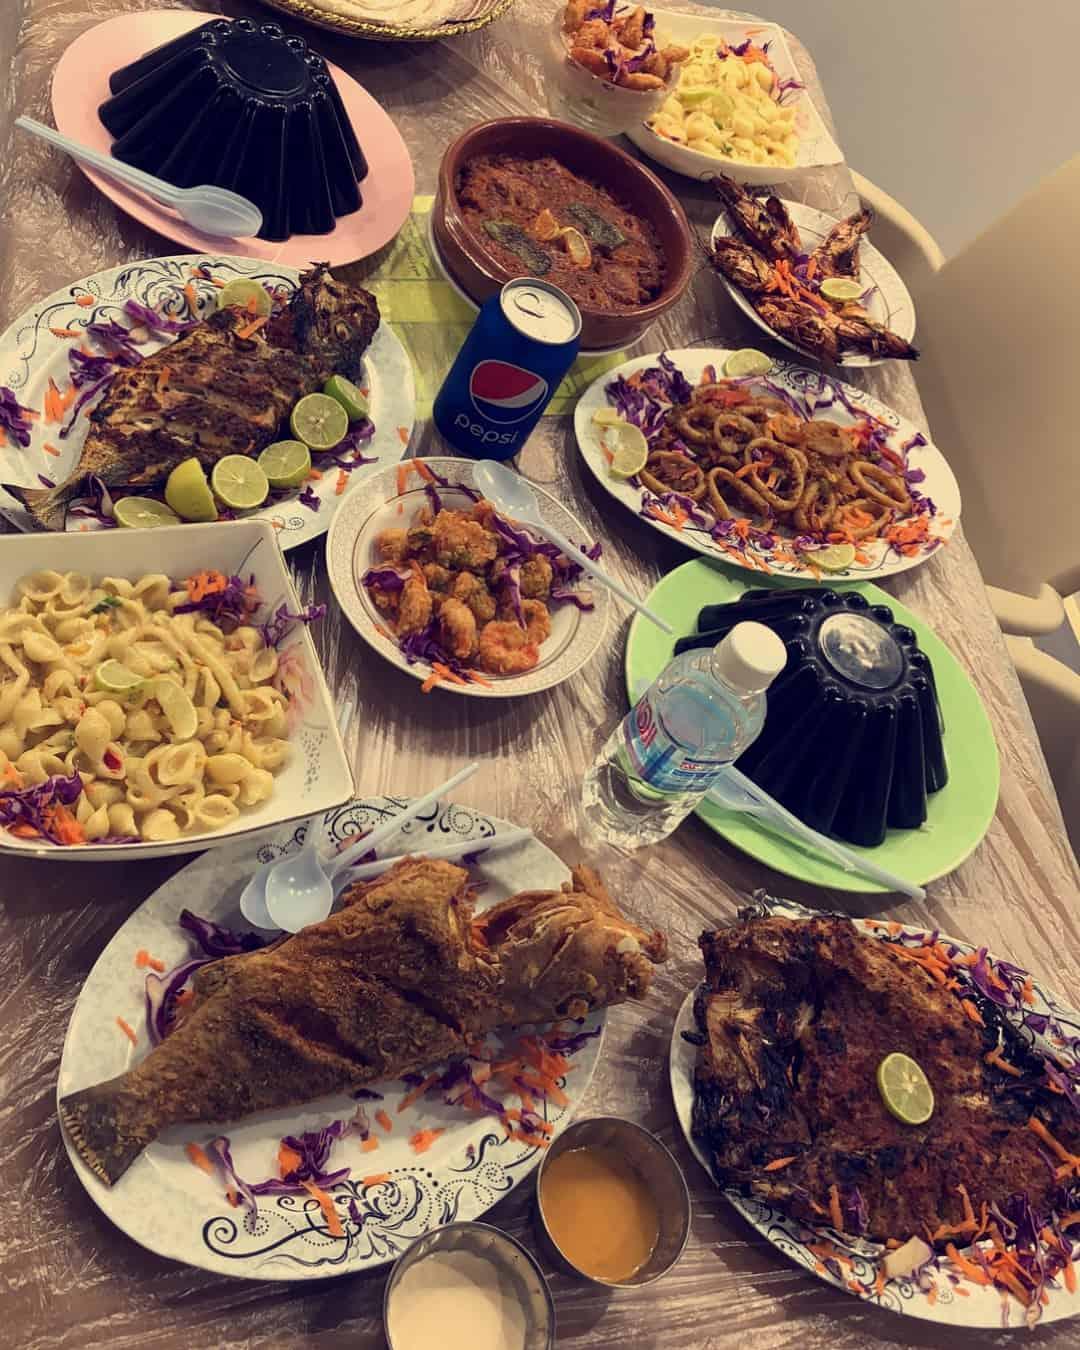 مطعم اسماك المرسى في أبها